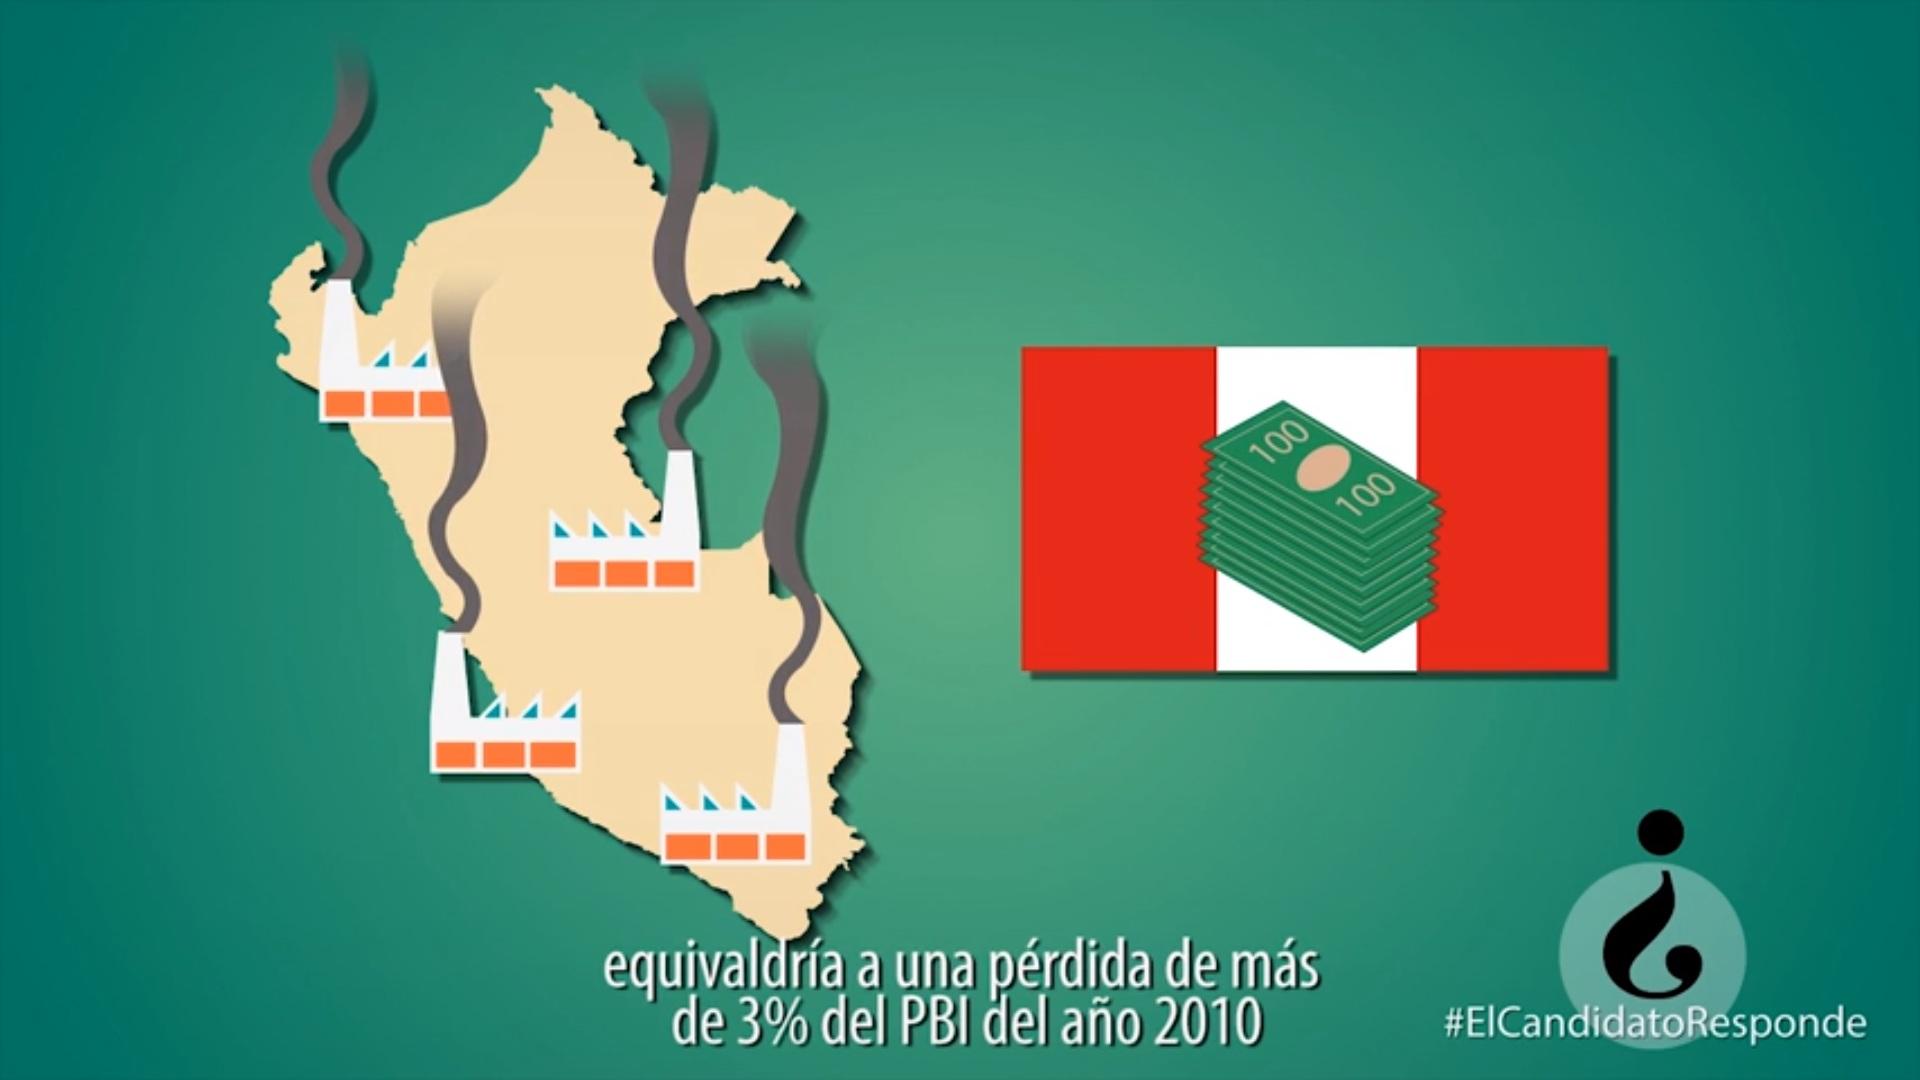 Elecciones Perú 2016: Propuestas de Cambio Climático en la Política Económica Nacional